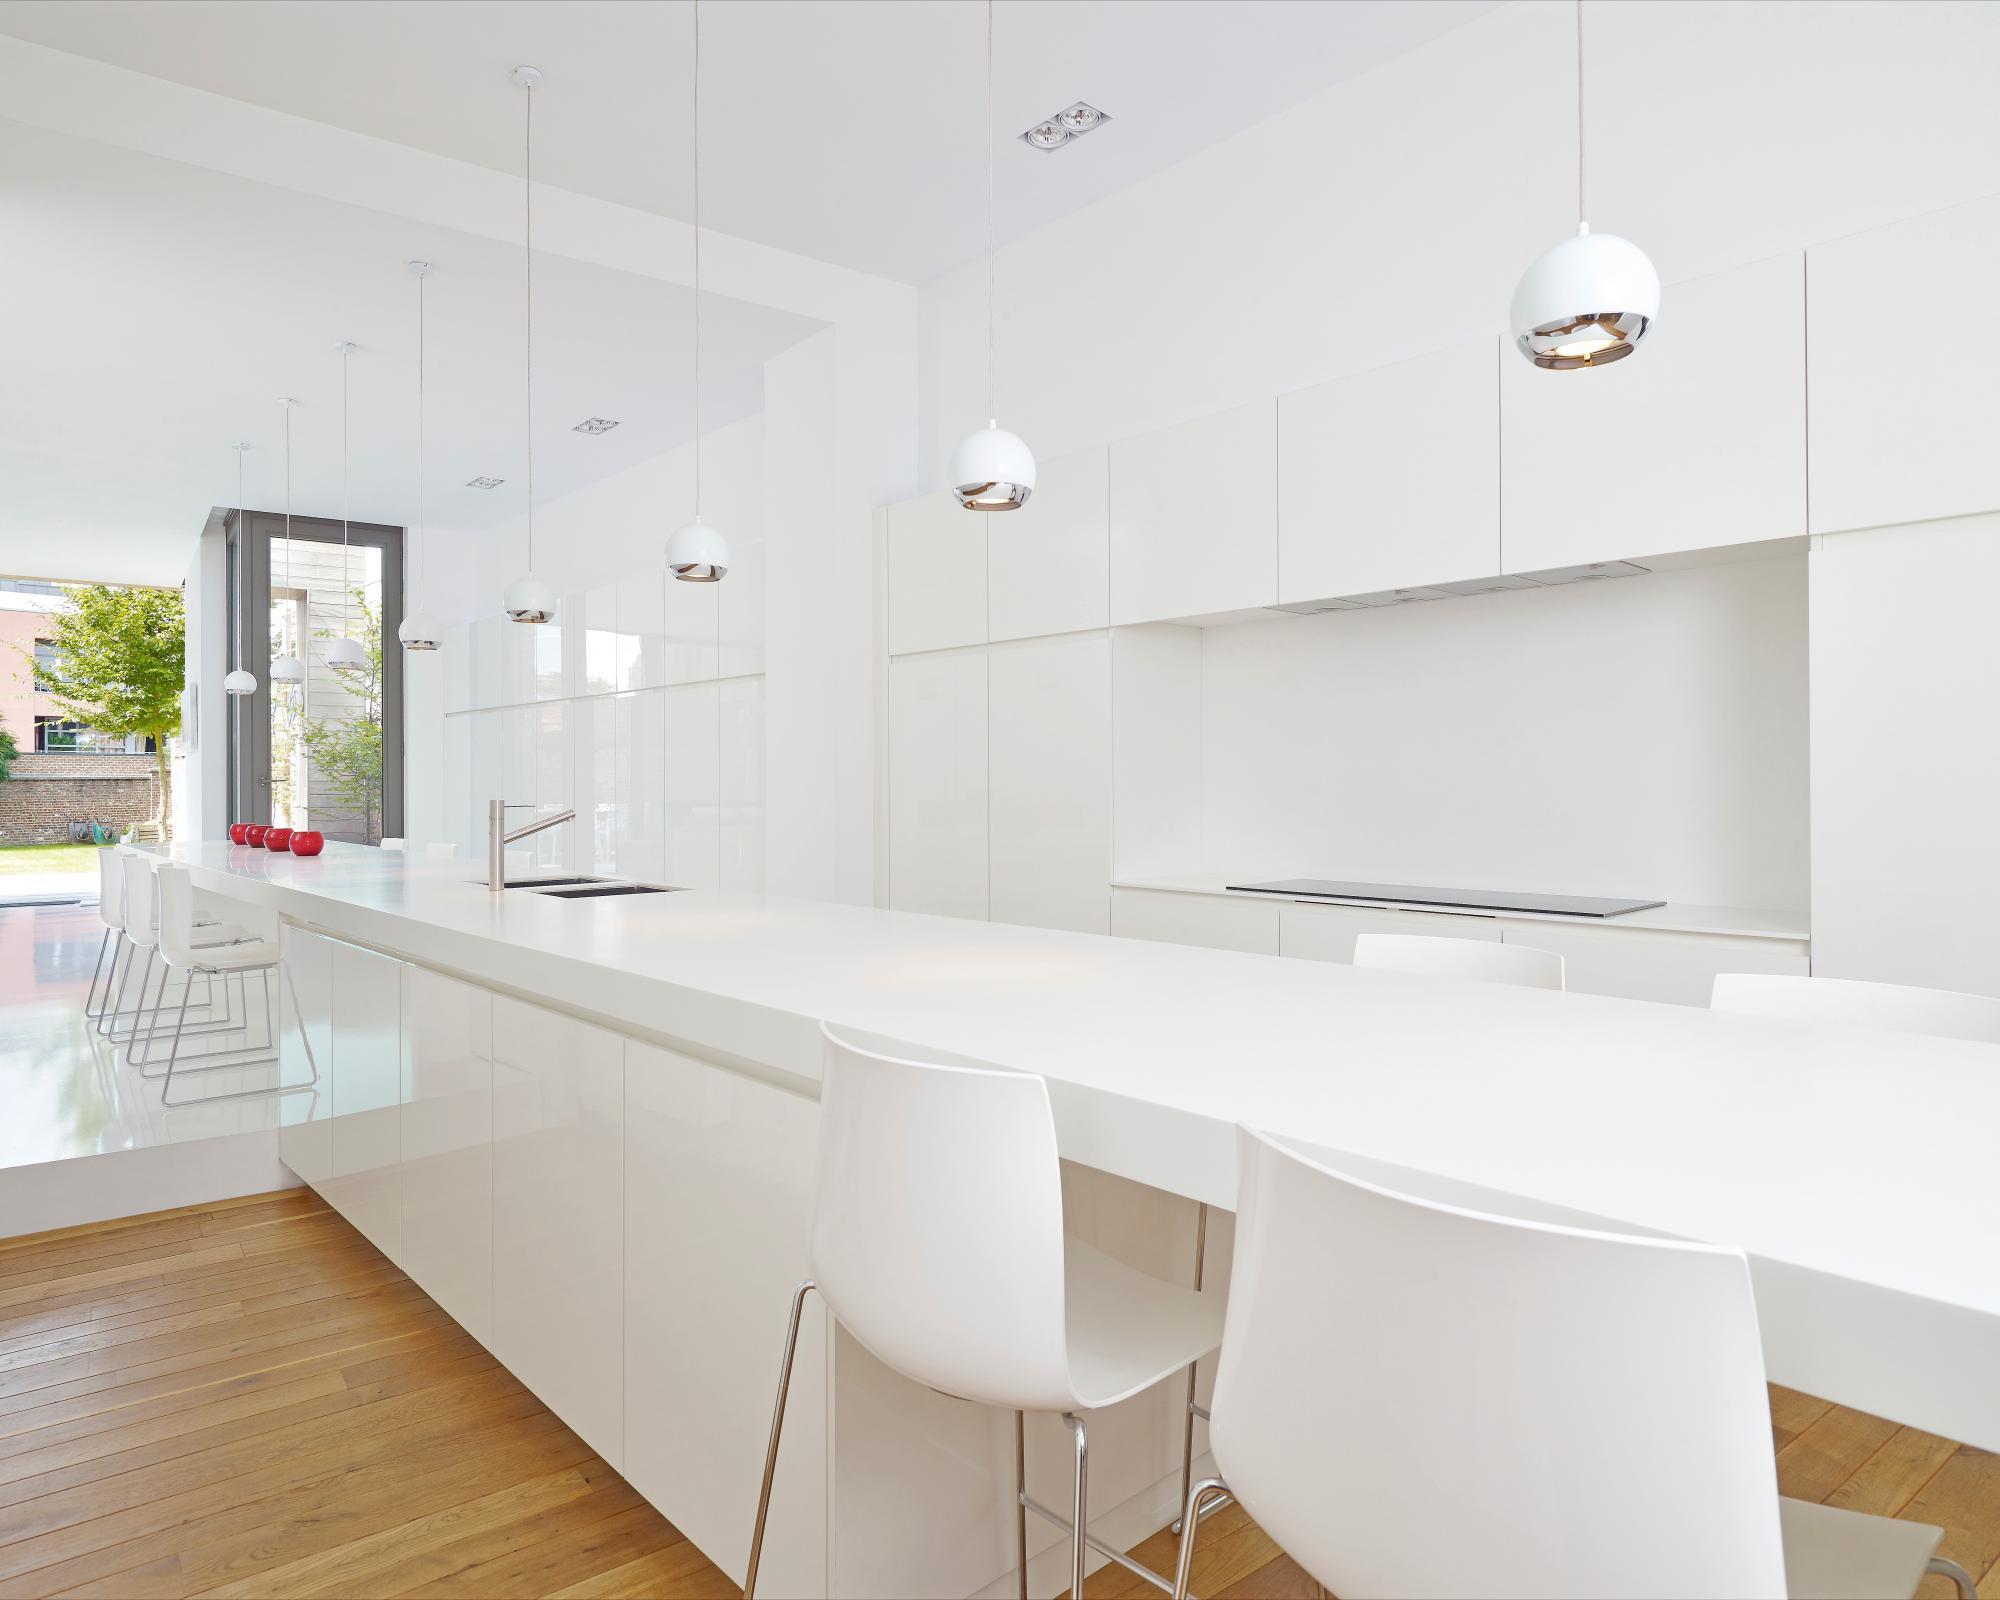 Design Stopcontact Keuken : Keuken mobitim corian design